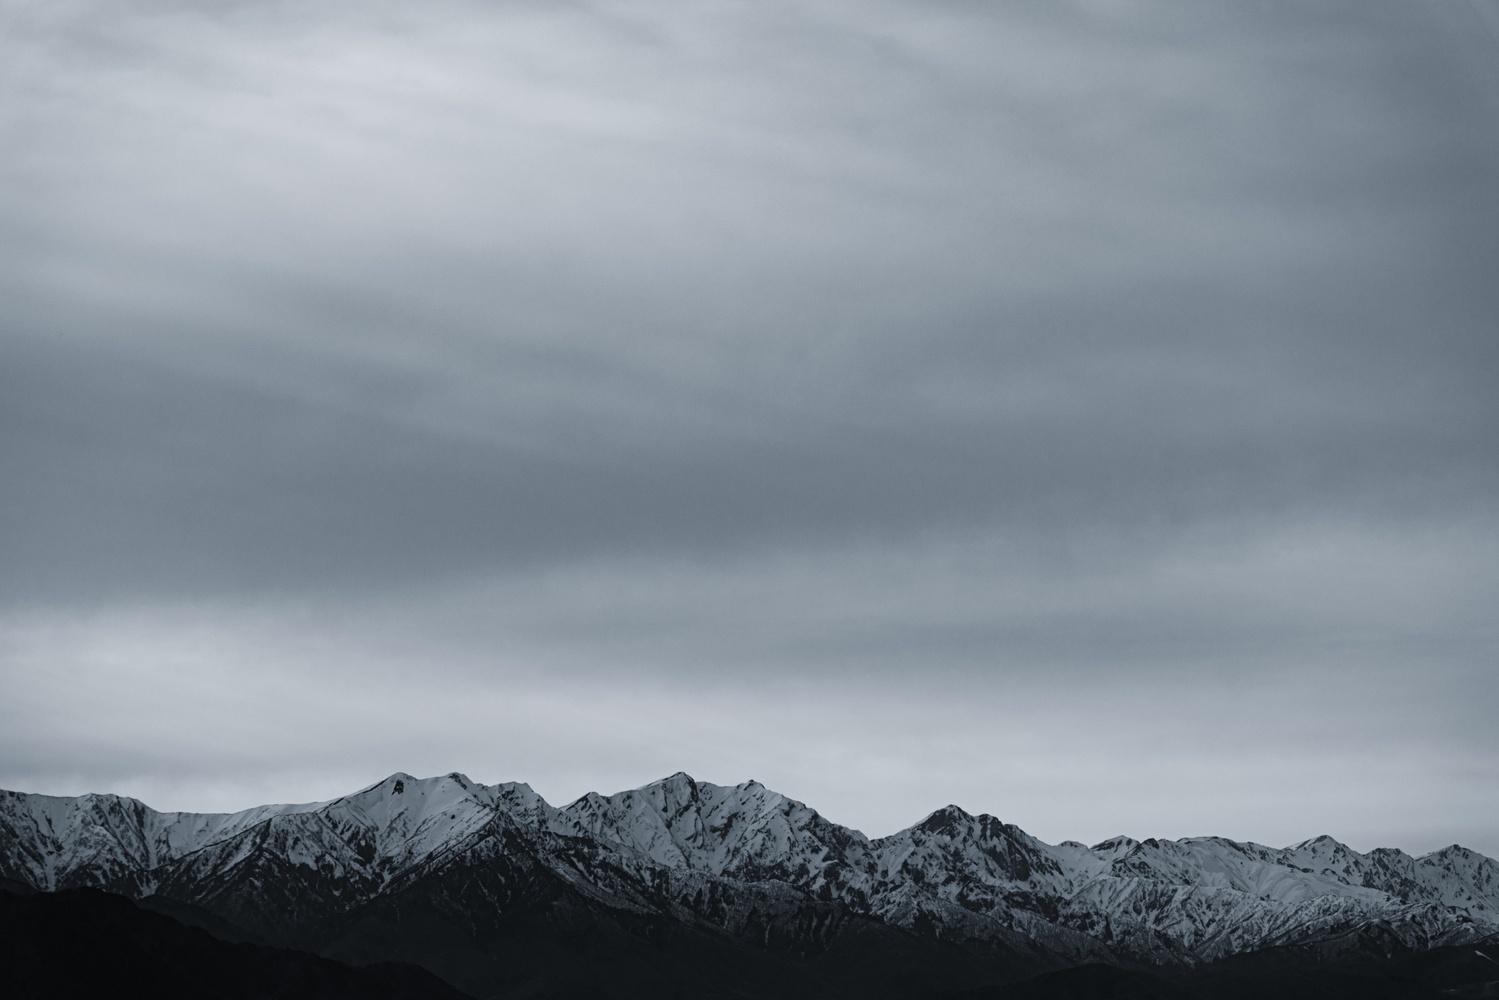 Silver sky by Masataka Inada